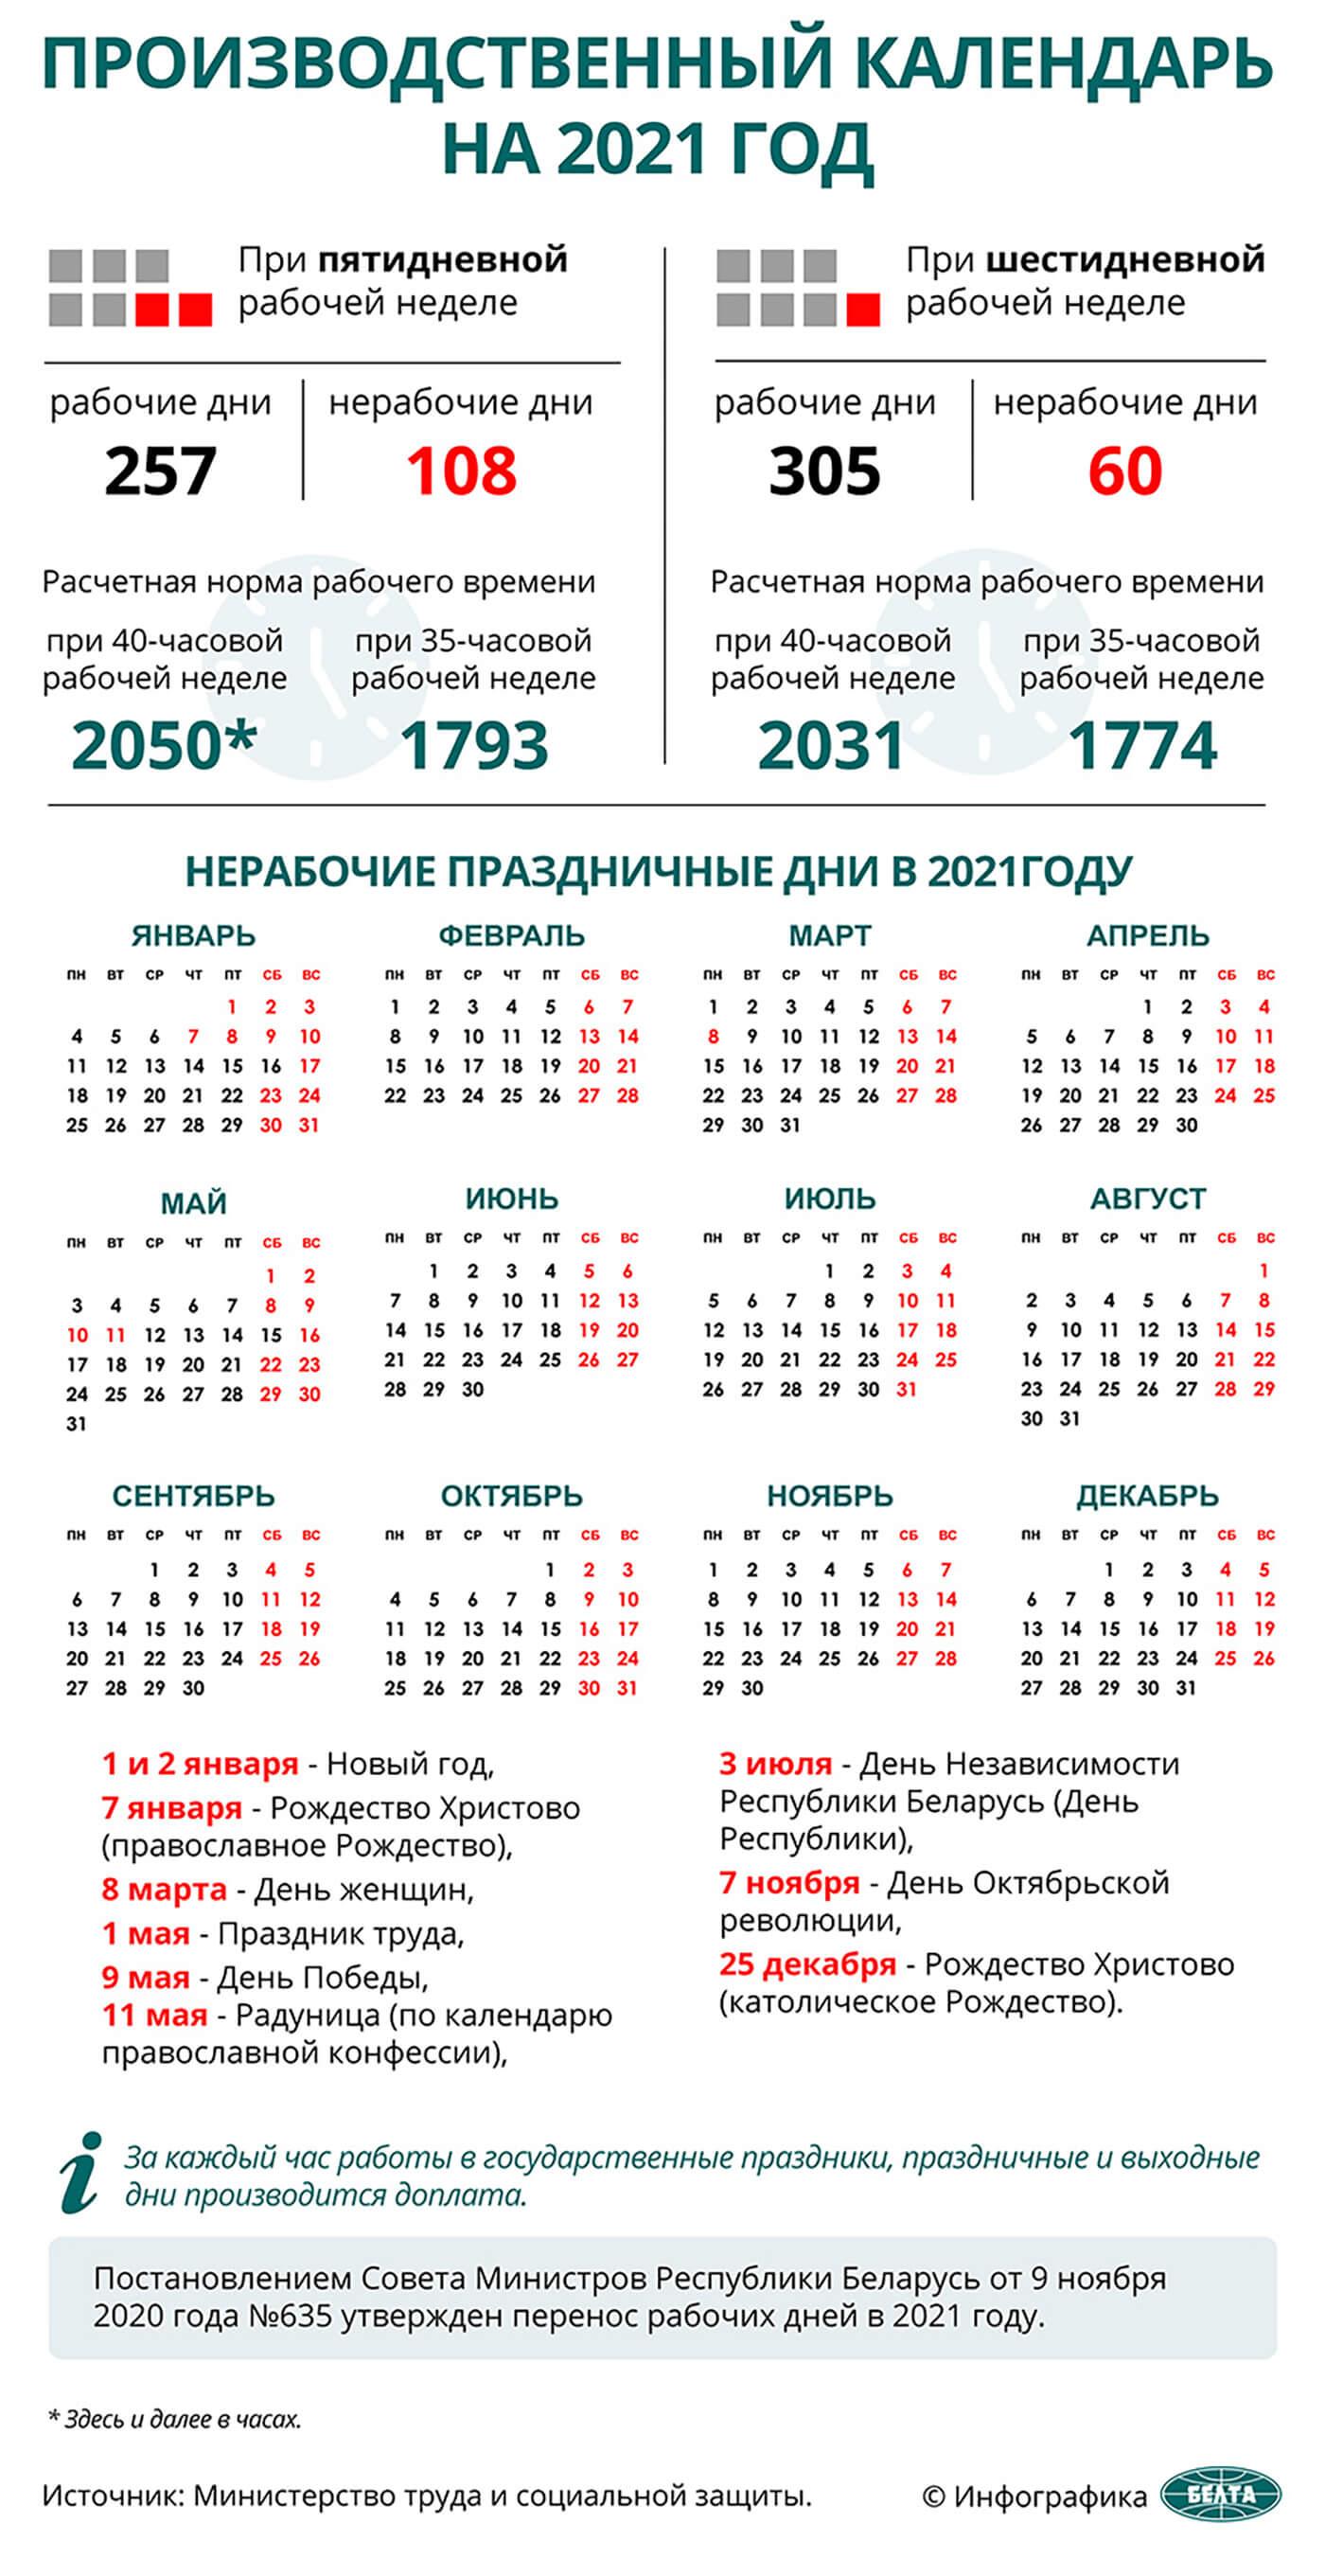 Беларусь – Производственный календарь на 2021 год